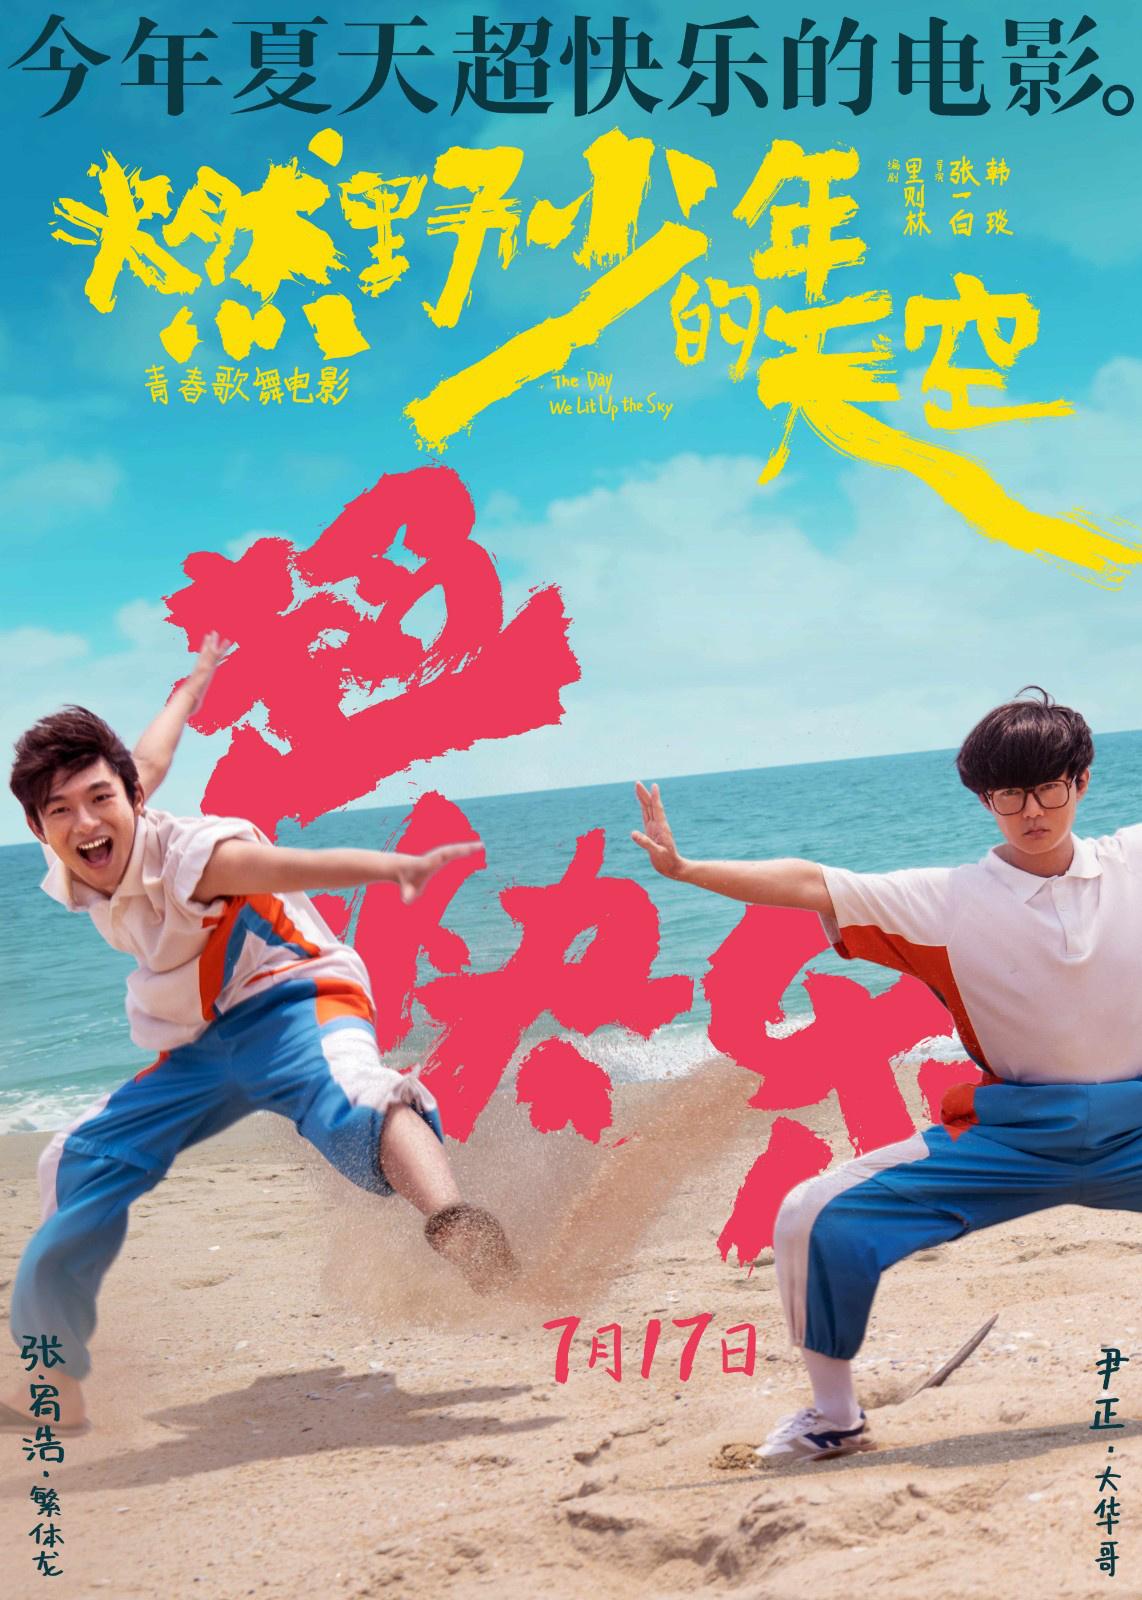 《燃野少年的天空》曝全新海报 中二少年点燃今夏